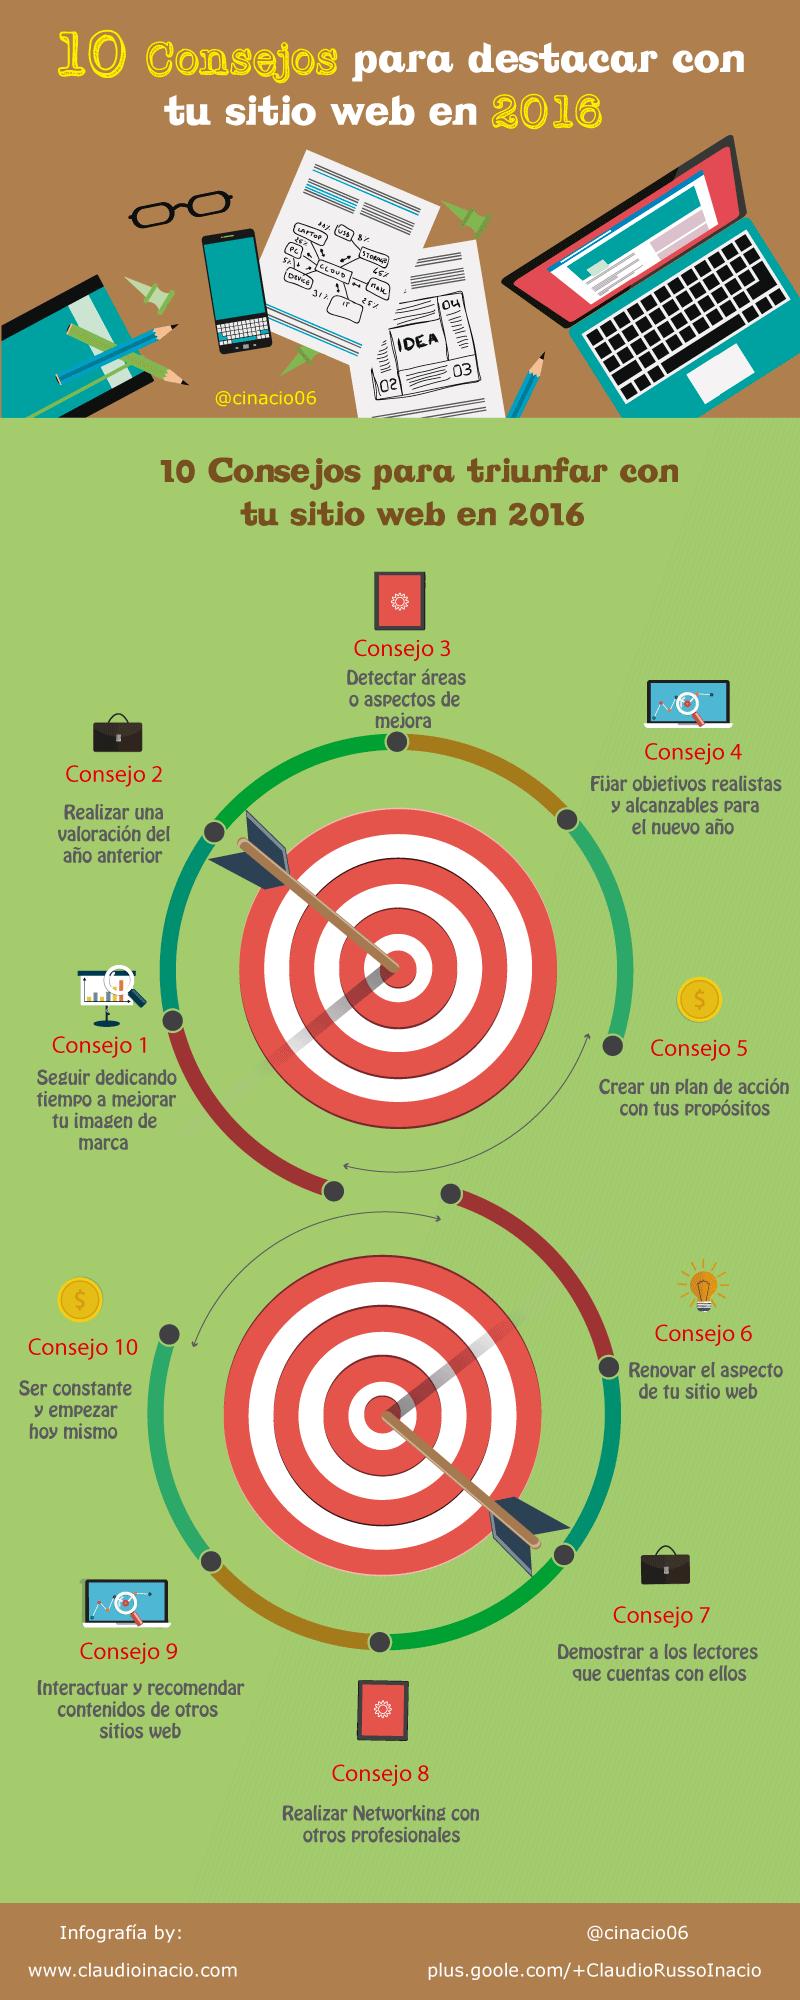 10 consejos para destacar con tu web